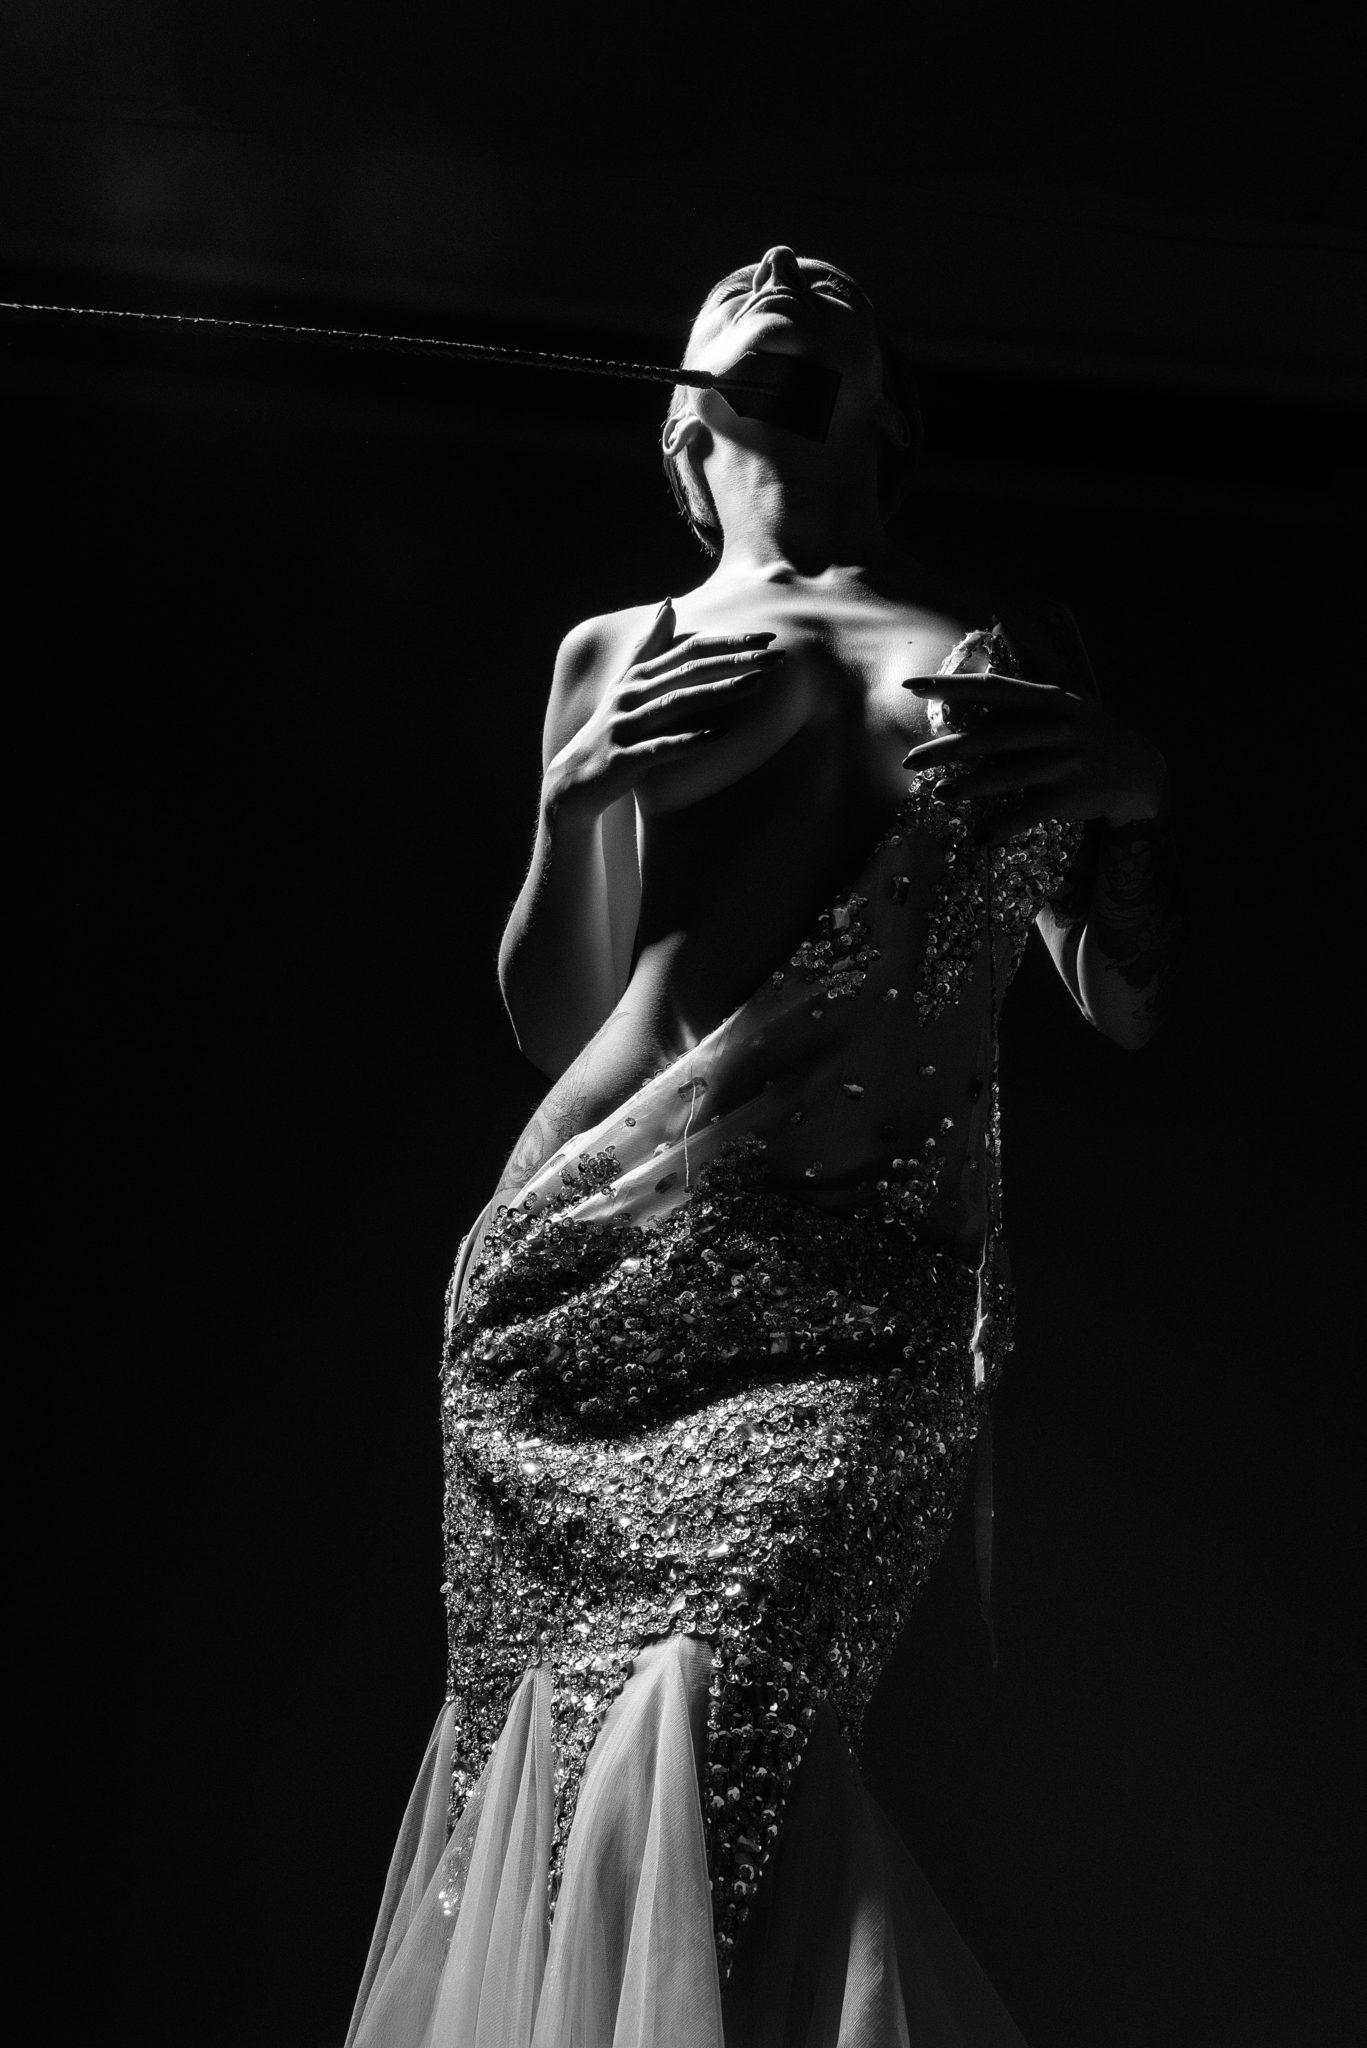 Портфолио ню фотосессии, фотограф Алиса Постниковой, модель Валерия Ионеску, расстегнутом платье прикрывая грудь с хлыстом под подбородком, чб фото